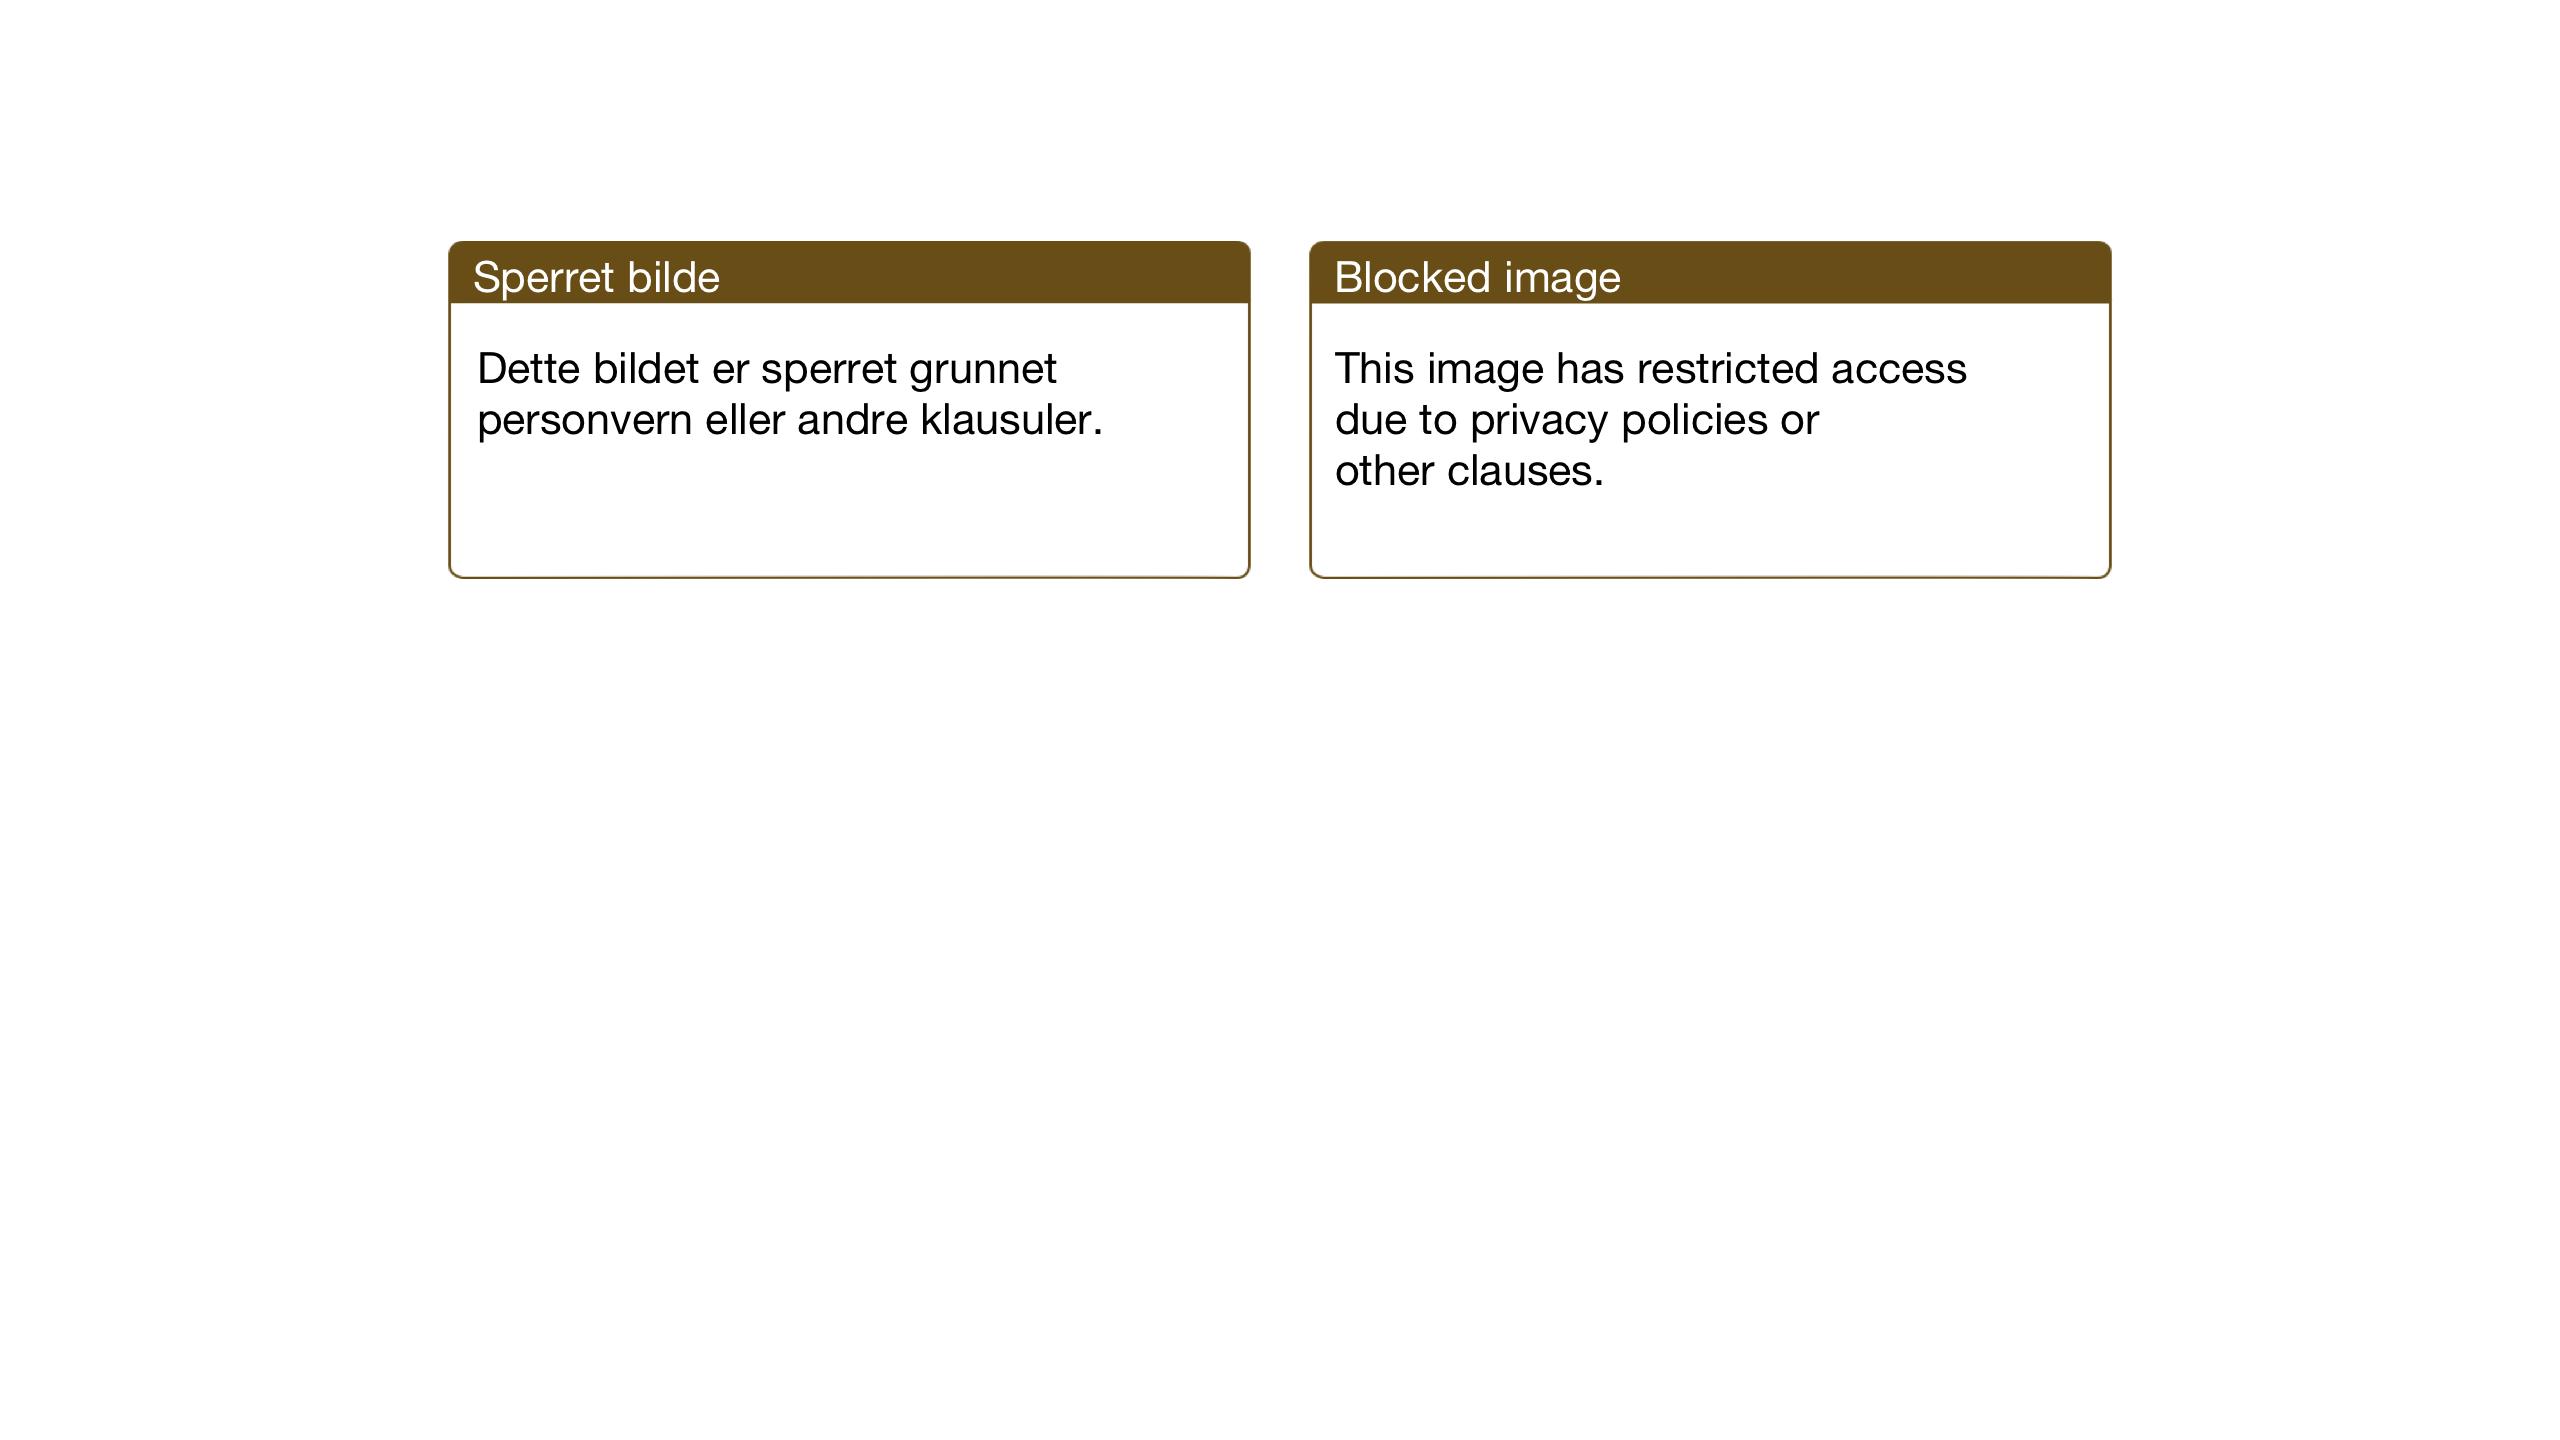 SAT, Ministerialprotokoller, klokkerbøker og fødselsregistre - Nord-Trøndelag, 774/L0631: Klokkerbok nr. 774C02, 1934-1950, s. 4